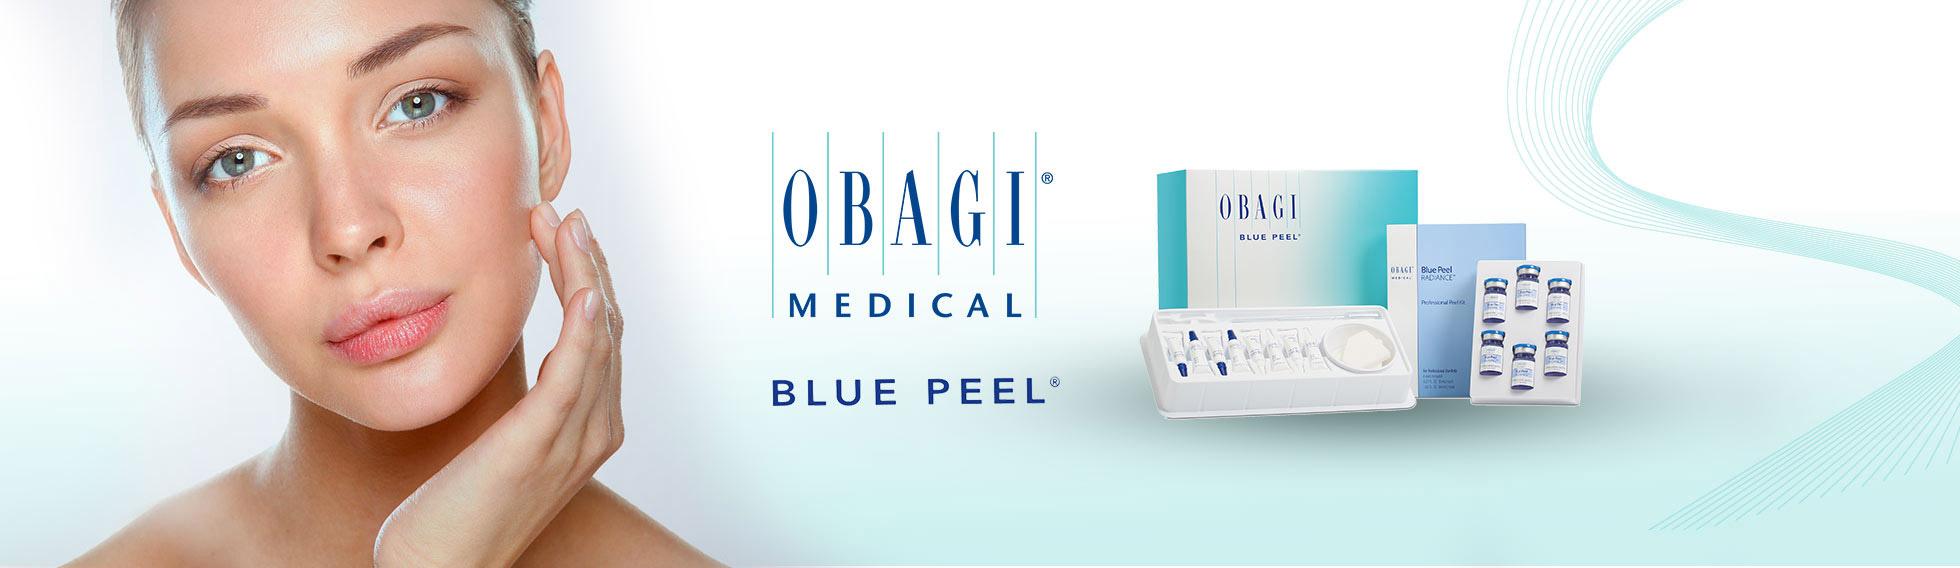 obagi-blue-peel-banner.jpg